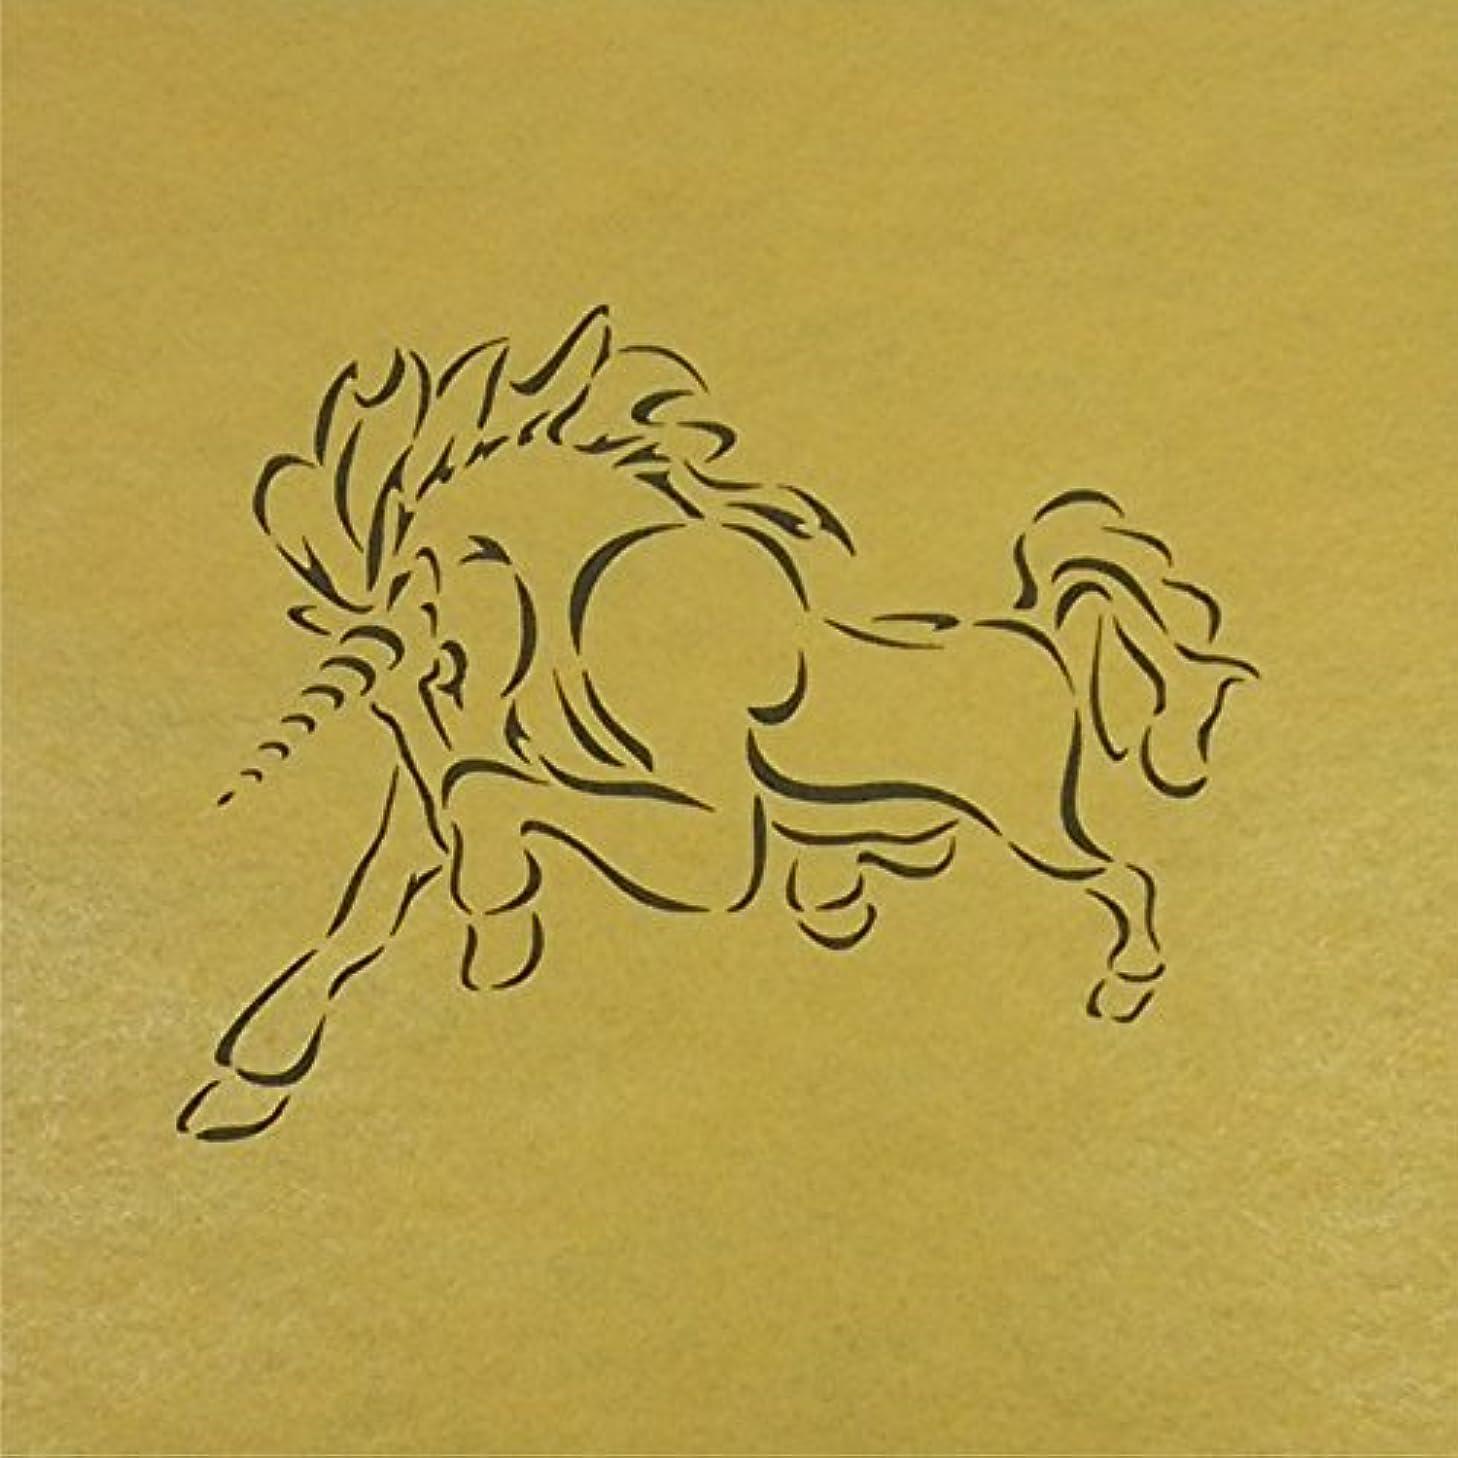 過敏な冷蔵する泥ステンシルシート ユニコーン 天馬 3サイズ型紙  (30cm)